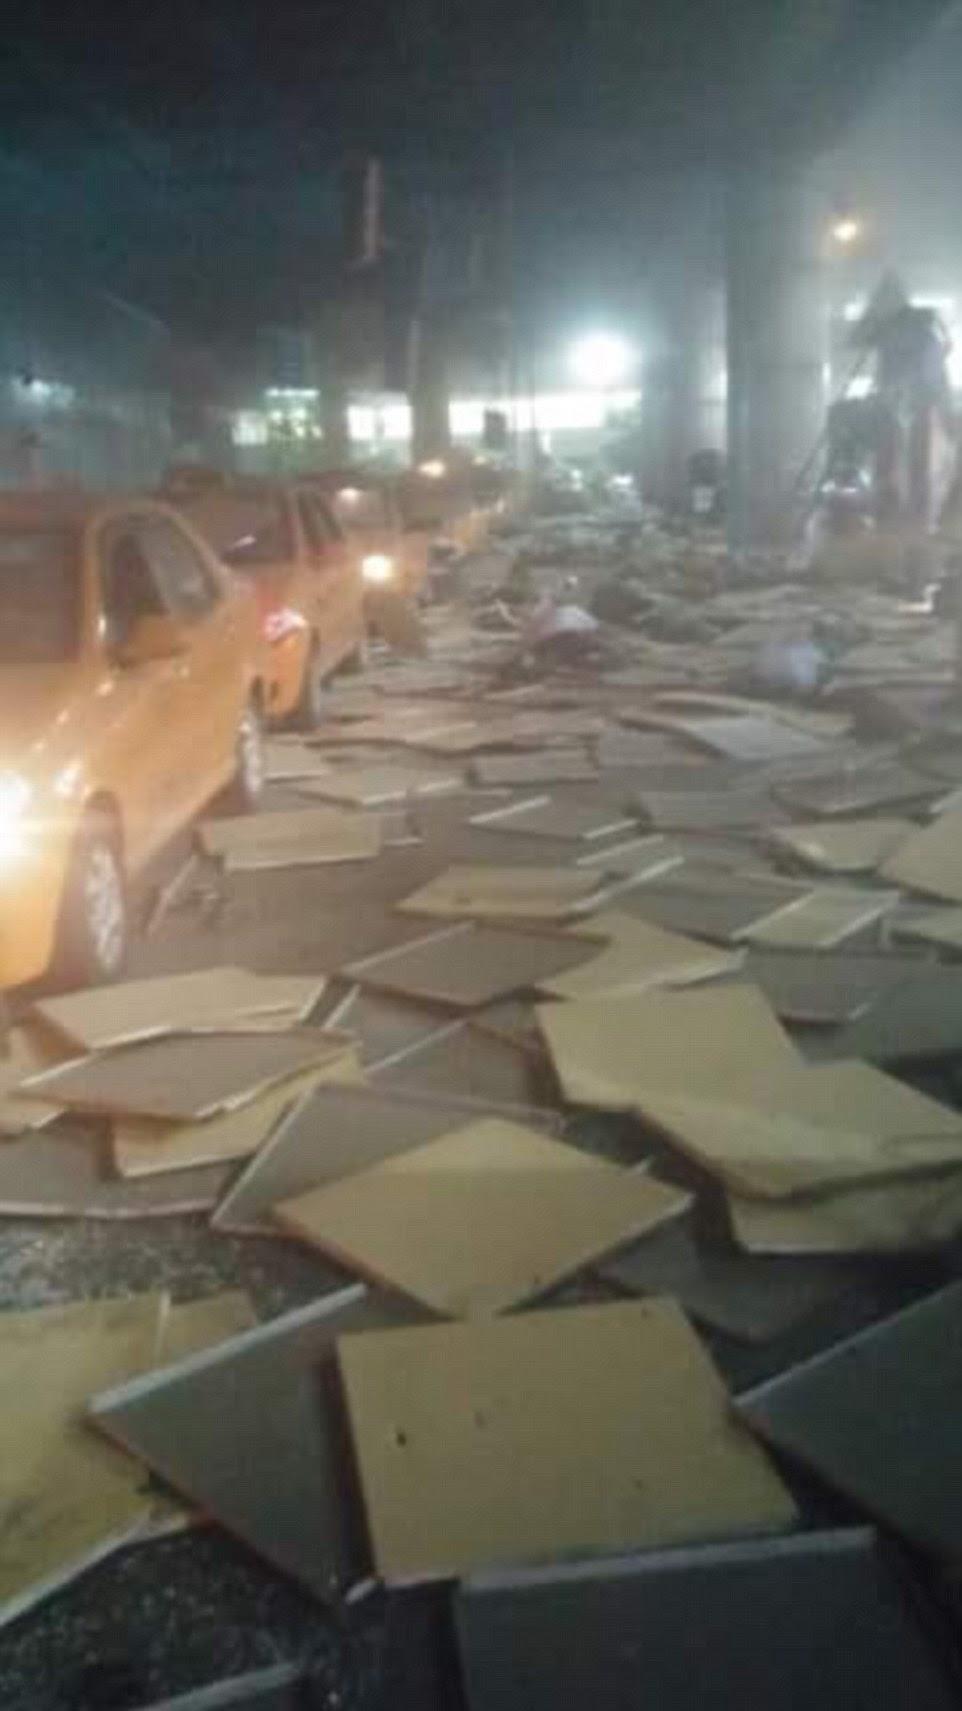 As primeiras imagens a emergir da cena show de detritos, incluindo o que parece ser telhas do teto, espalhados ao longo táxis fazem fila no aeroporto